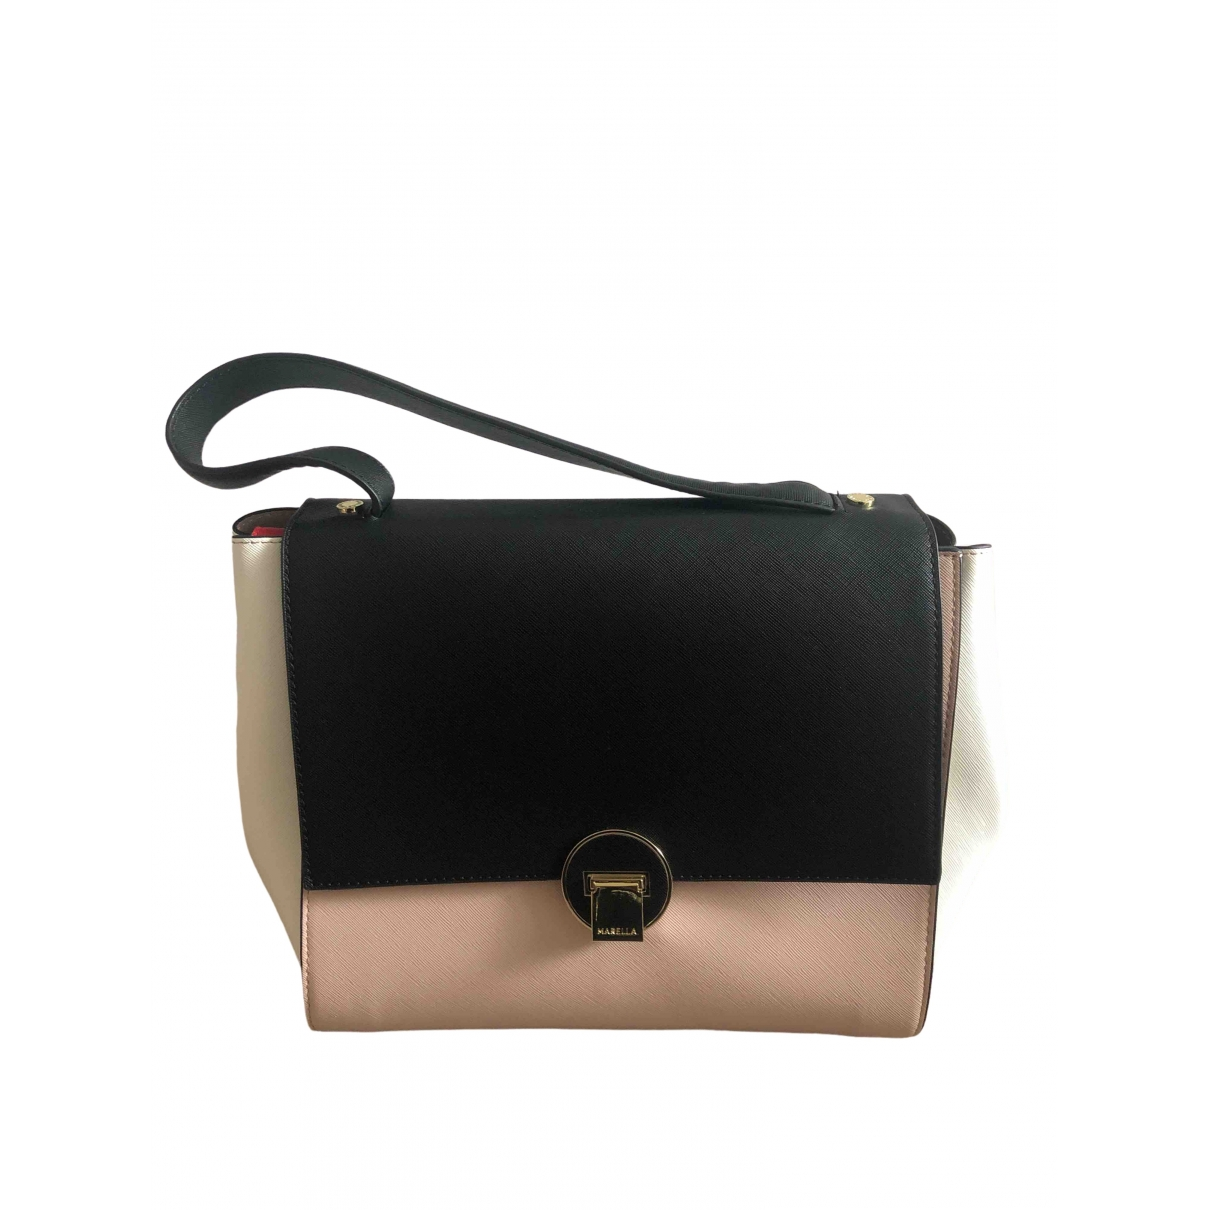 Marella \N Leather handbag for Women \N